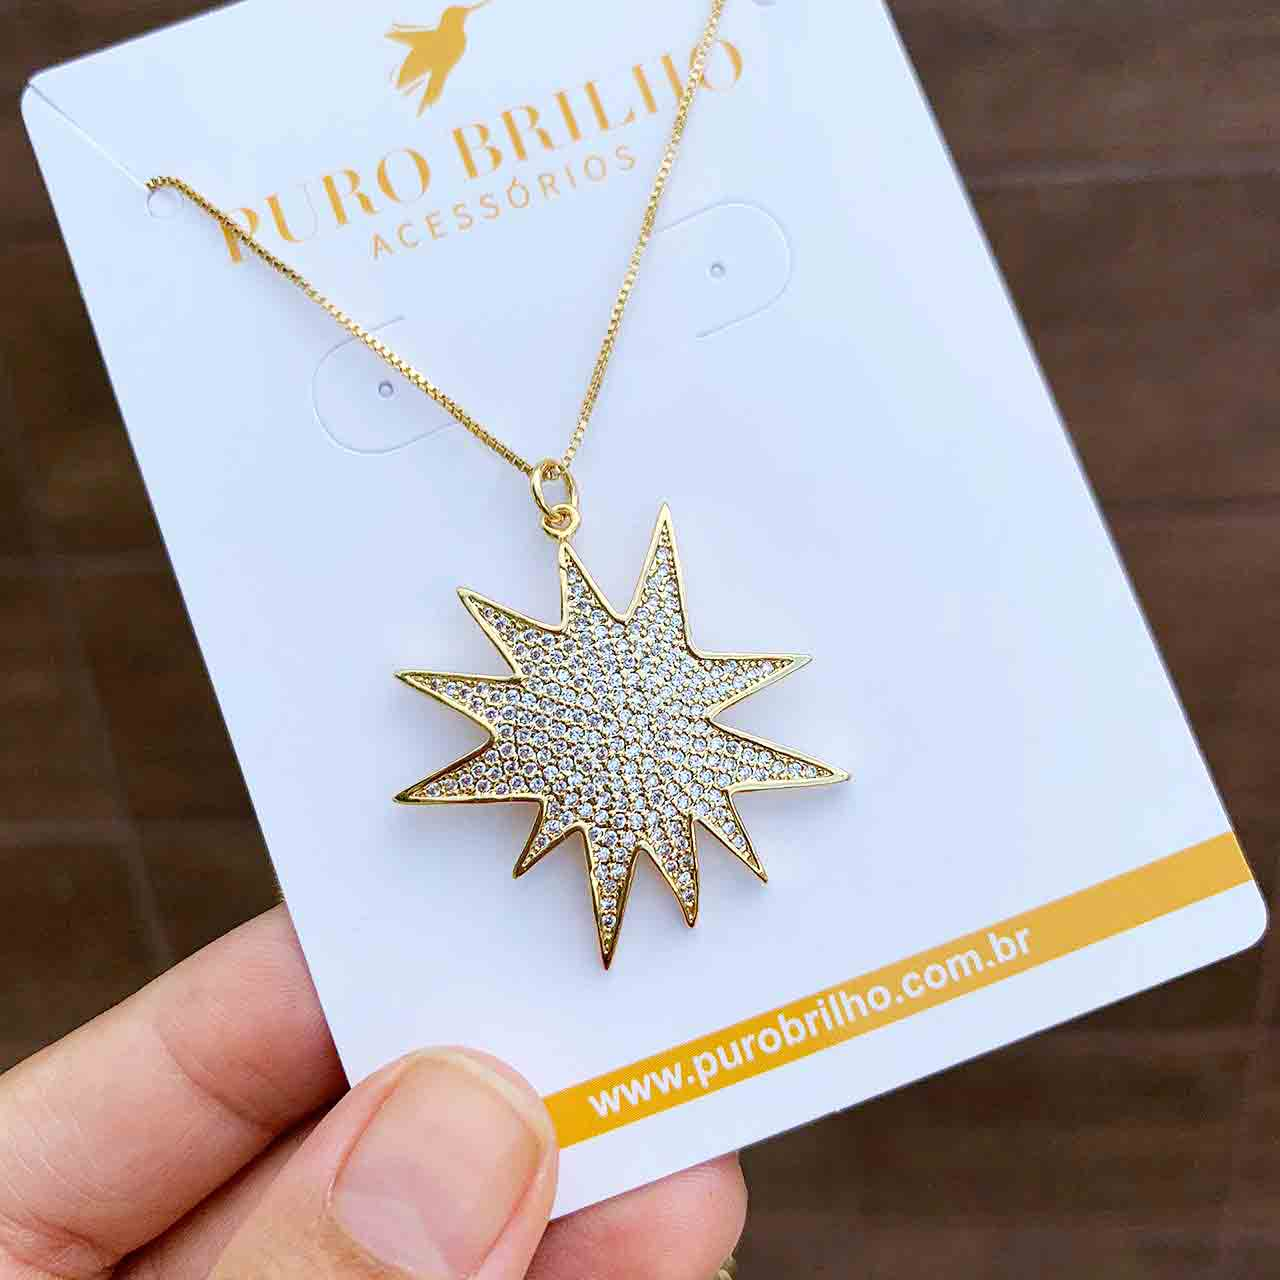 Colar Semijoia Com Pingente Estrela Disforme Cravejada Em Pedras Micro Zircônias Folheado A Ouro 18k